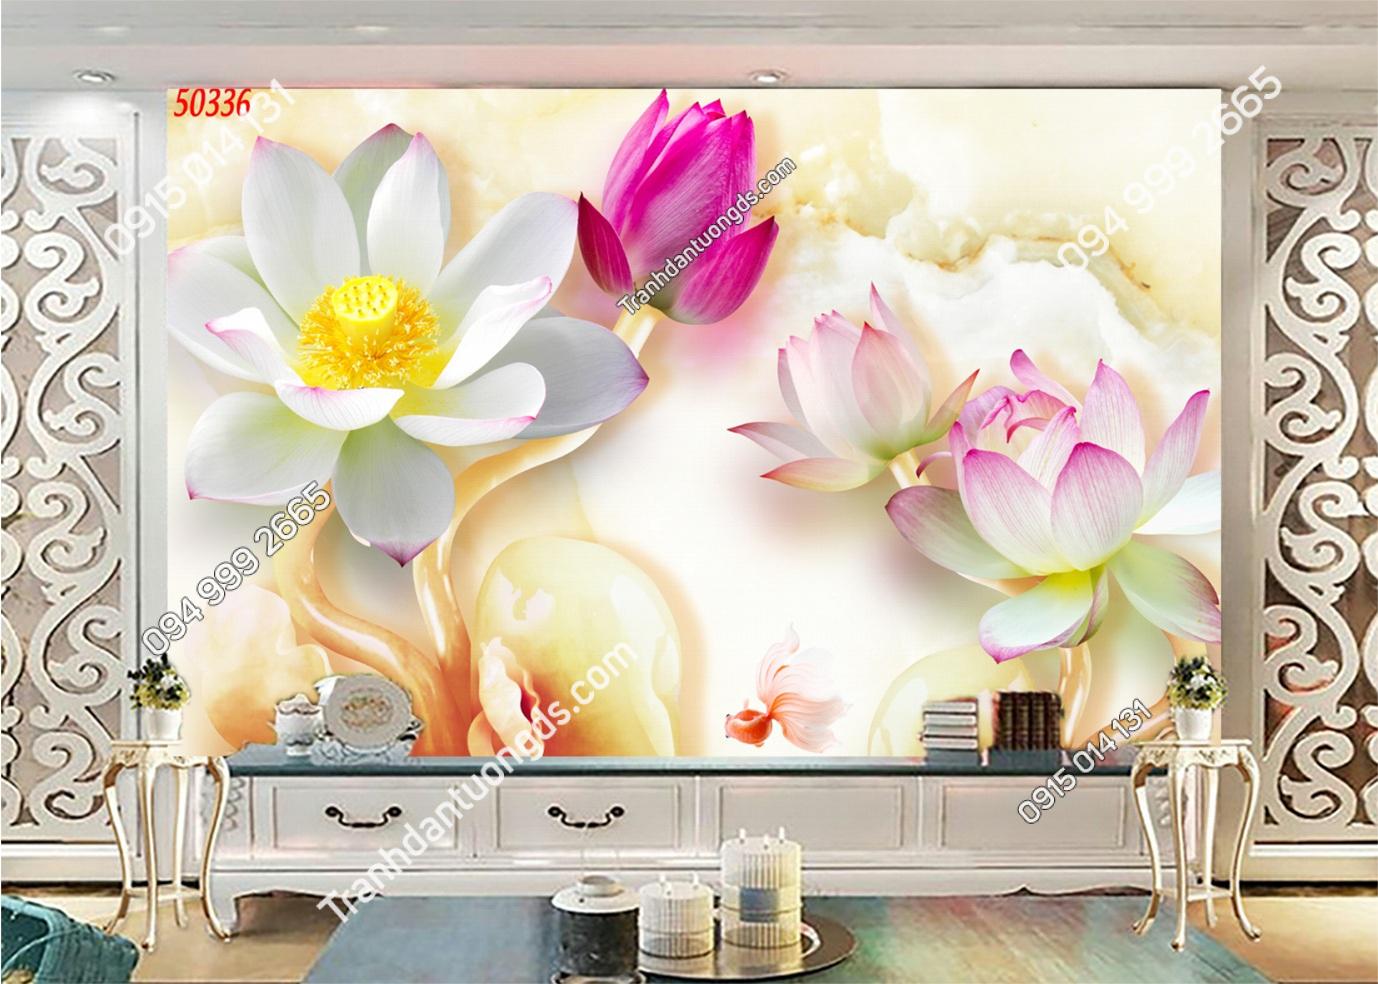 Tranh dán tường hoa sen 3D 50336